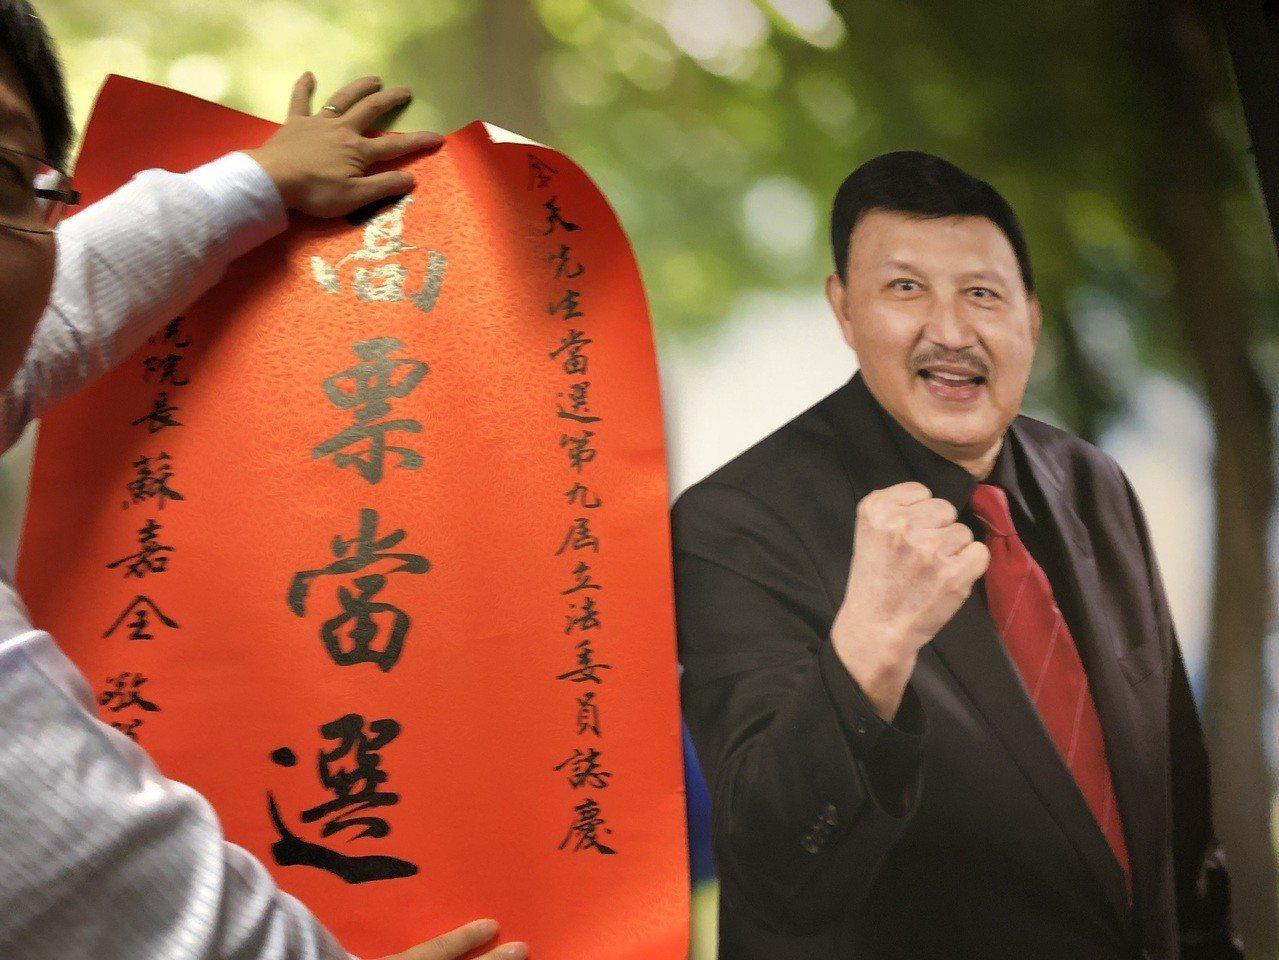 余天以近6000票之差贏得選戰,成為新科立委。記者王敏旭/攝影